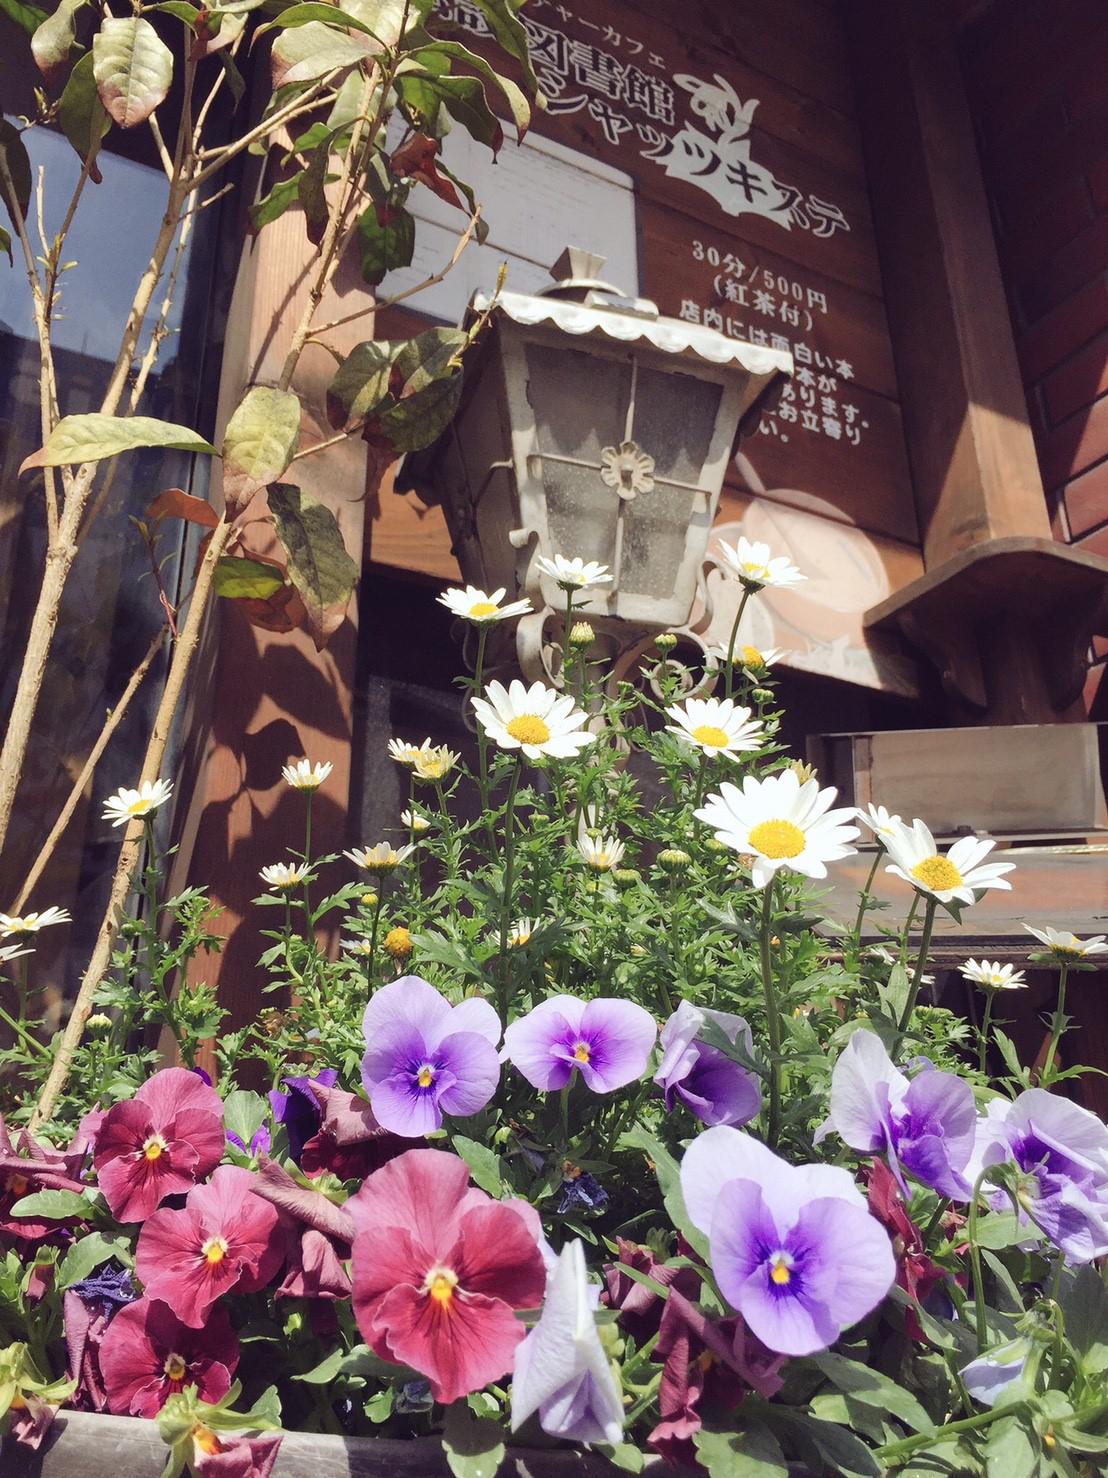 メイドの暮らし ep10 メイドが営む 私設図書館カフェ「シャッツキステ」